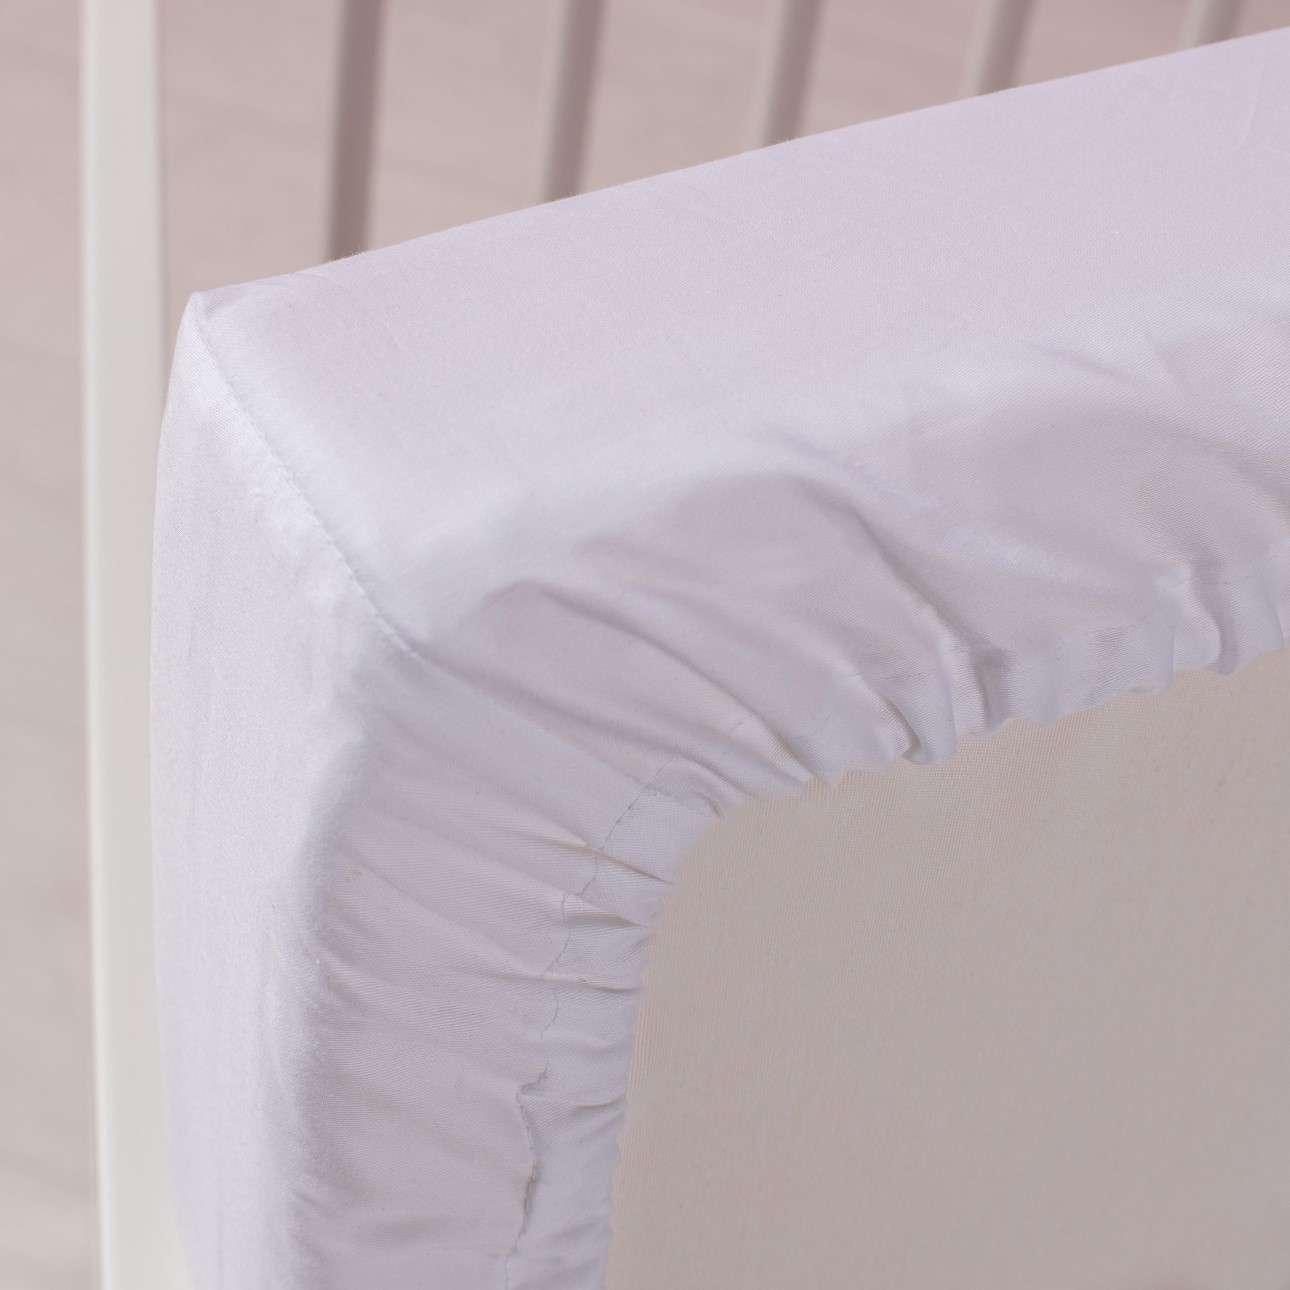 Spannbettlaken 70x140 cm von der Kollektion Sweet Dreams, Stoff: 500-40